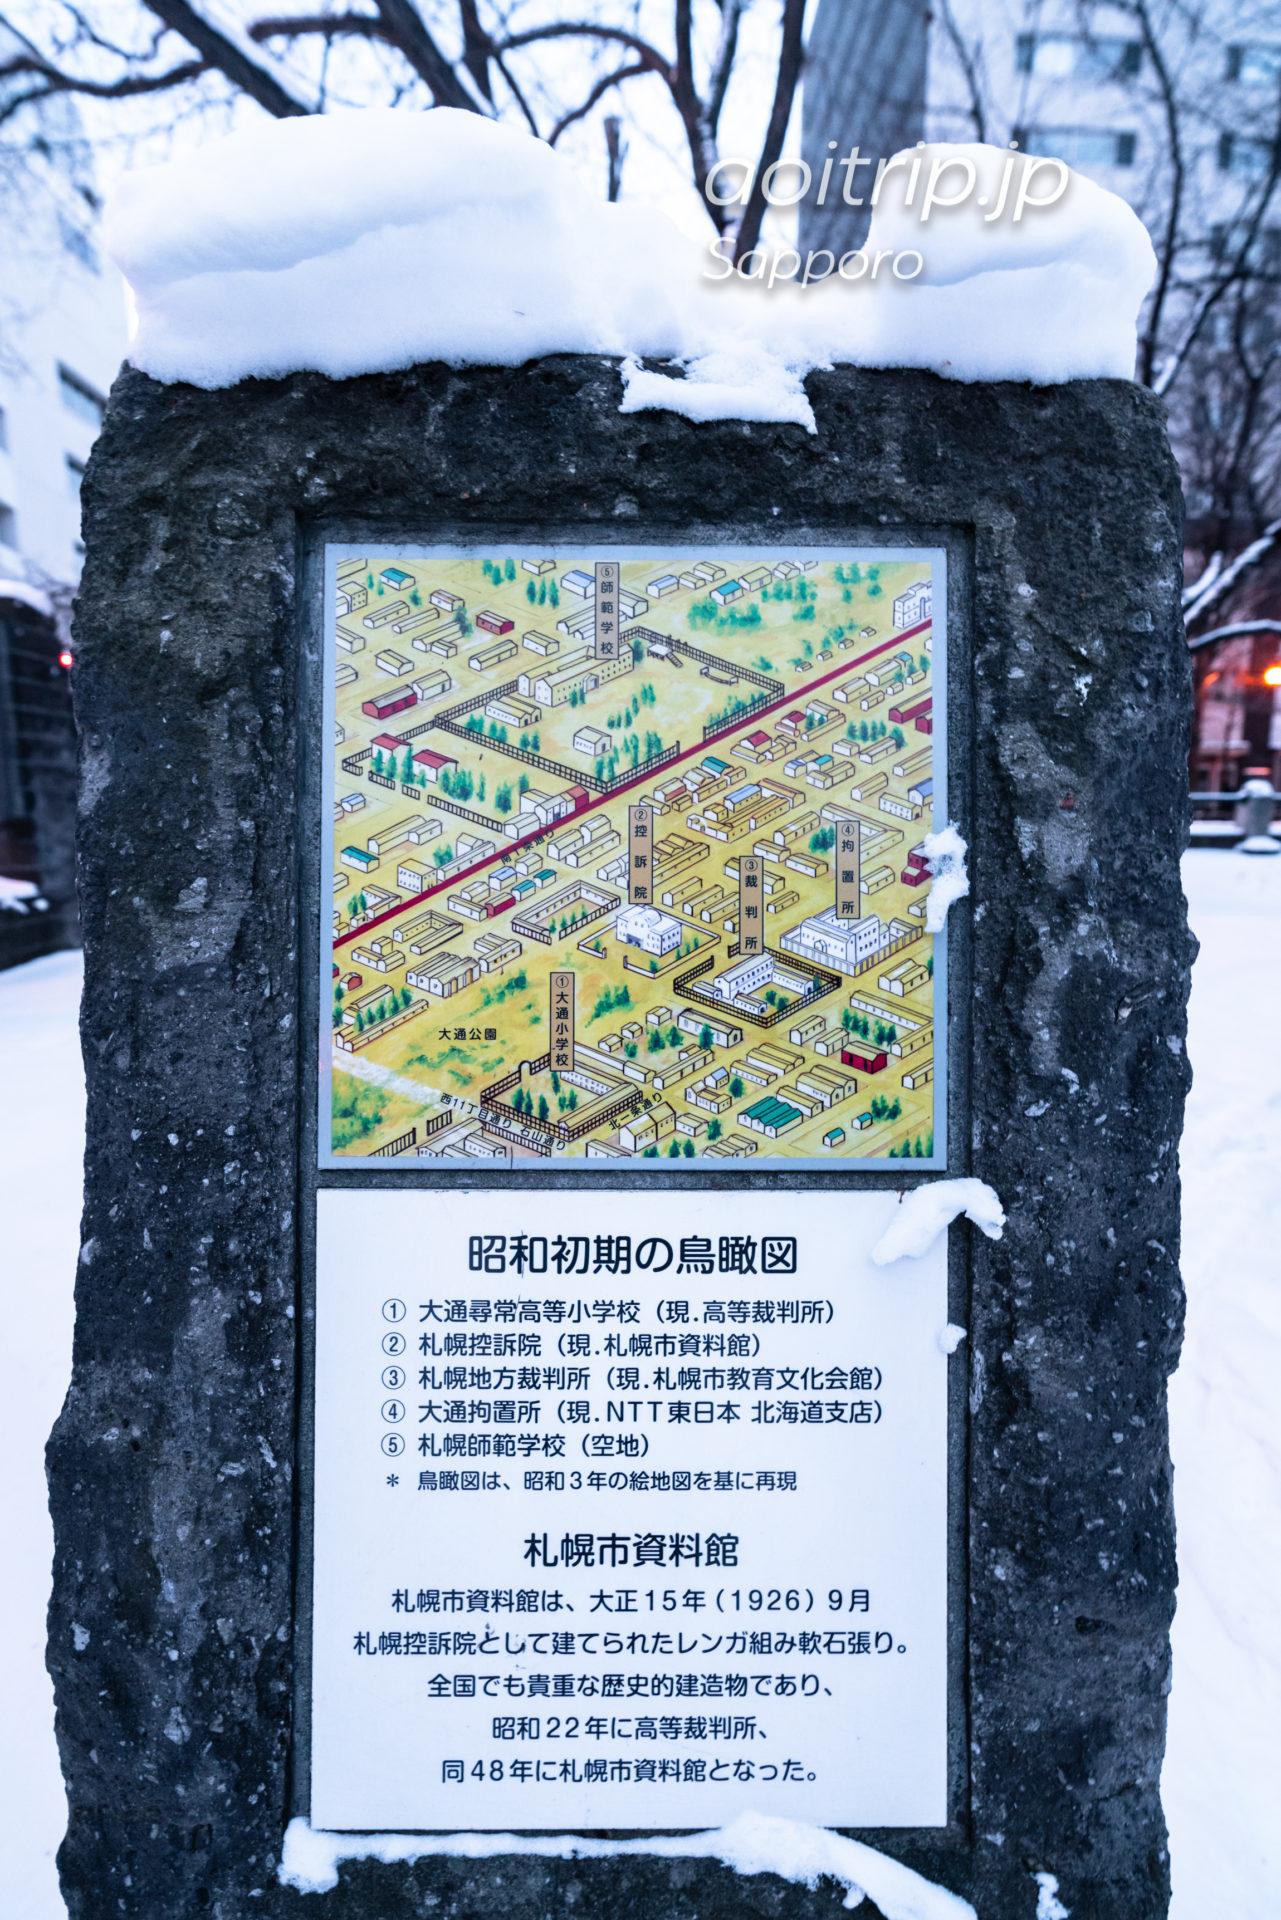 冬の札幌市資料館(旧札幌控訴院)